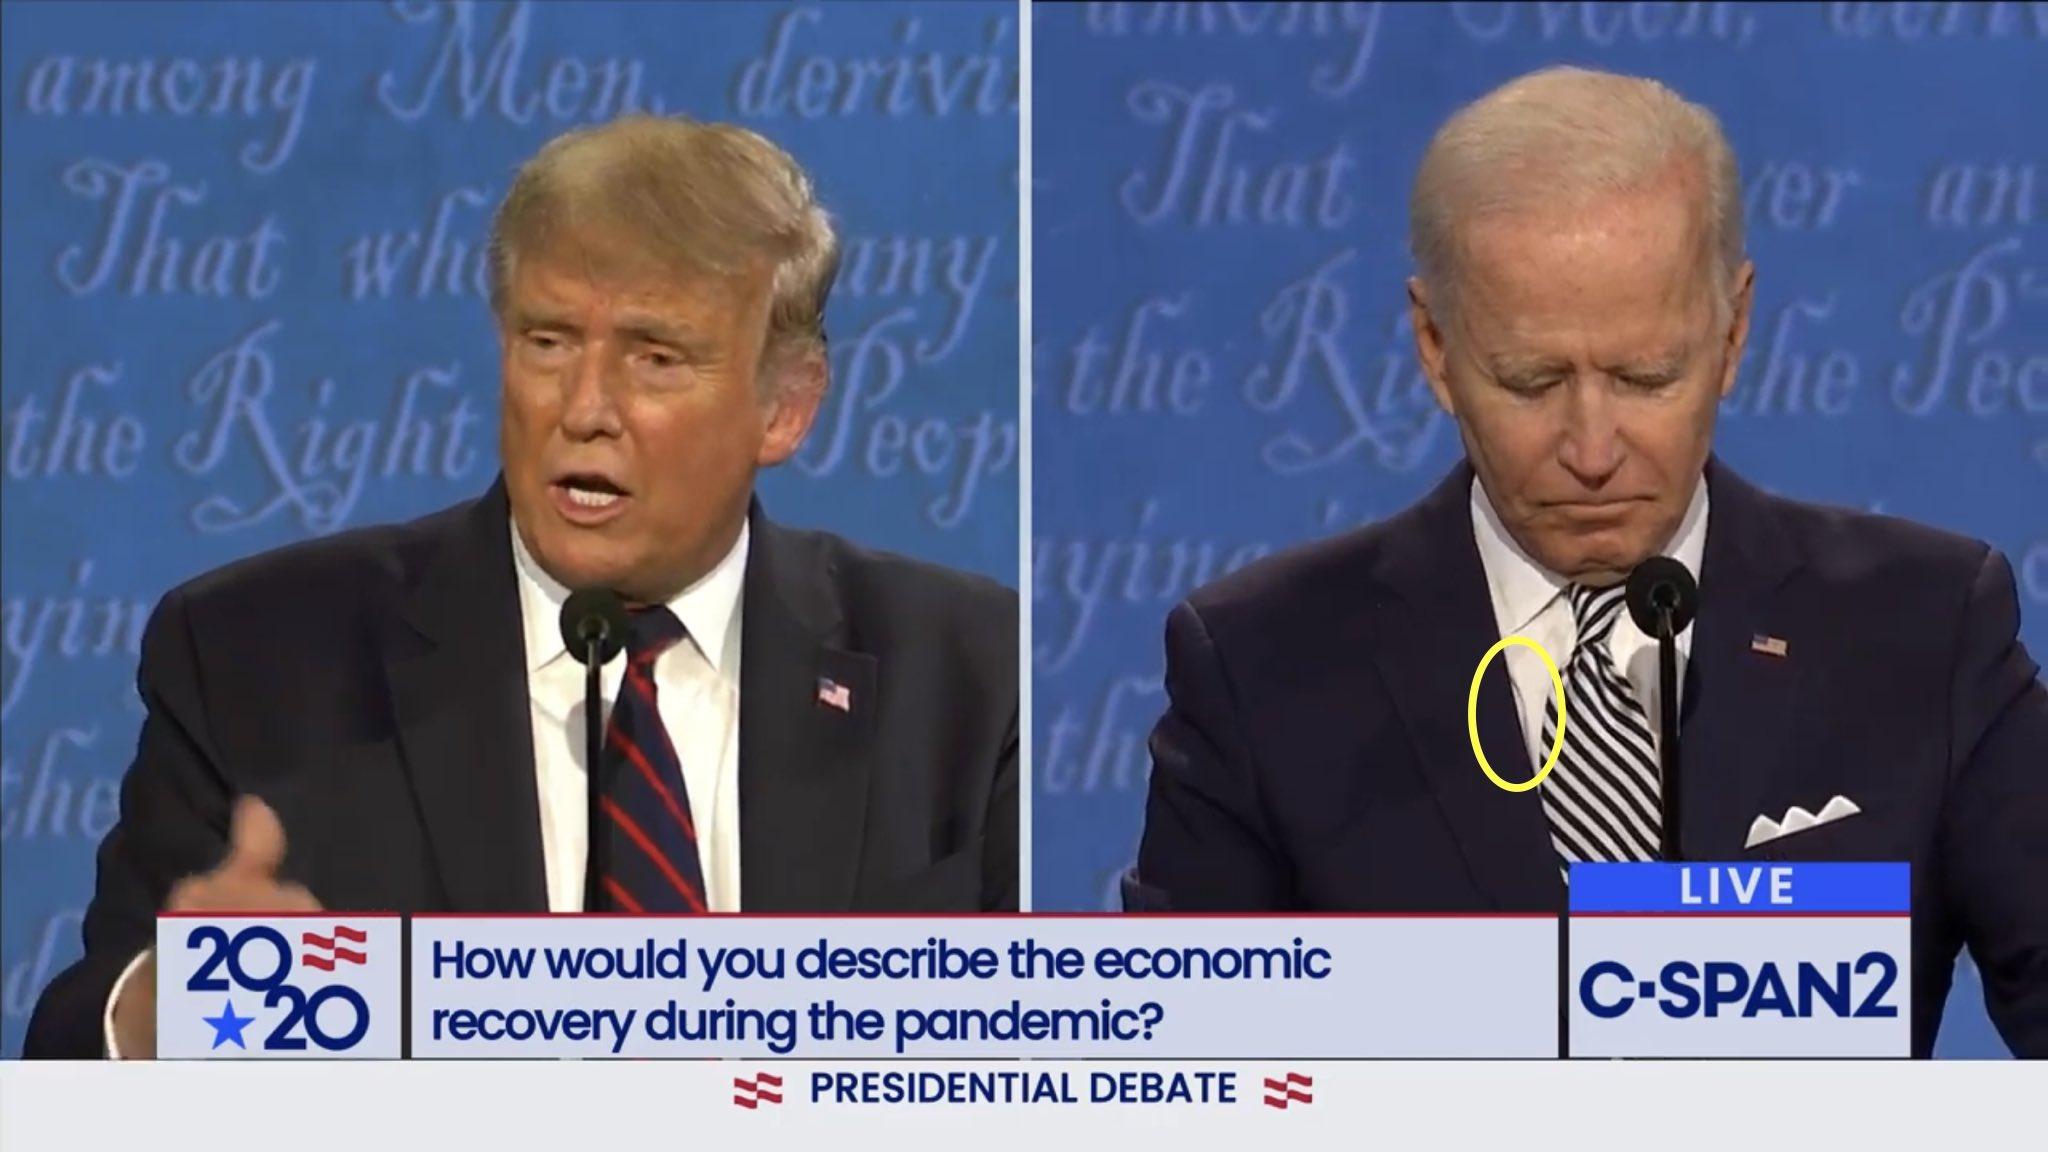 大統領選のテレビ討論会でバイデンにイヤホン装着疑惑